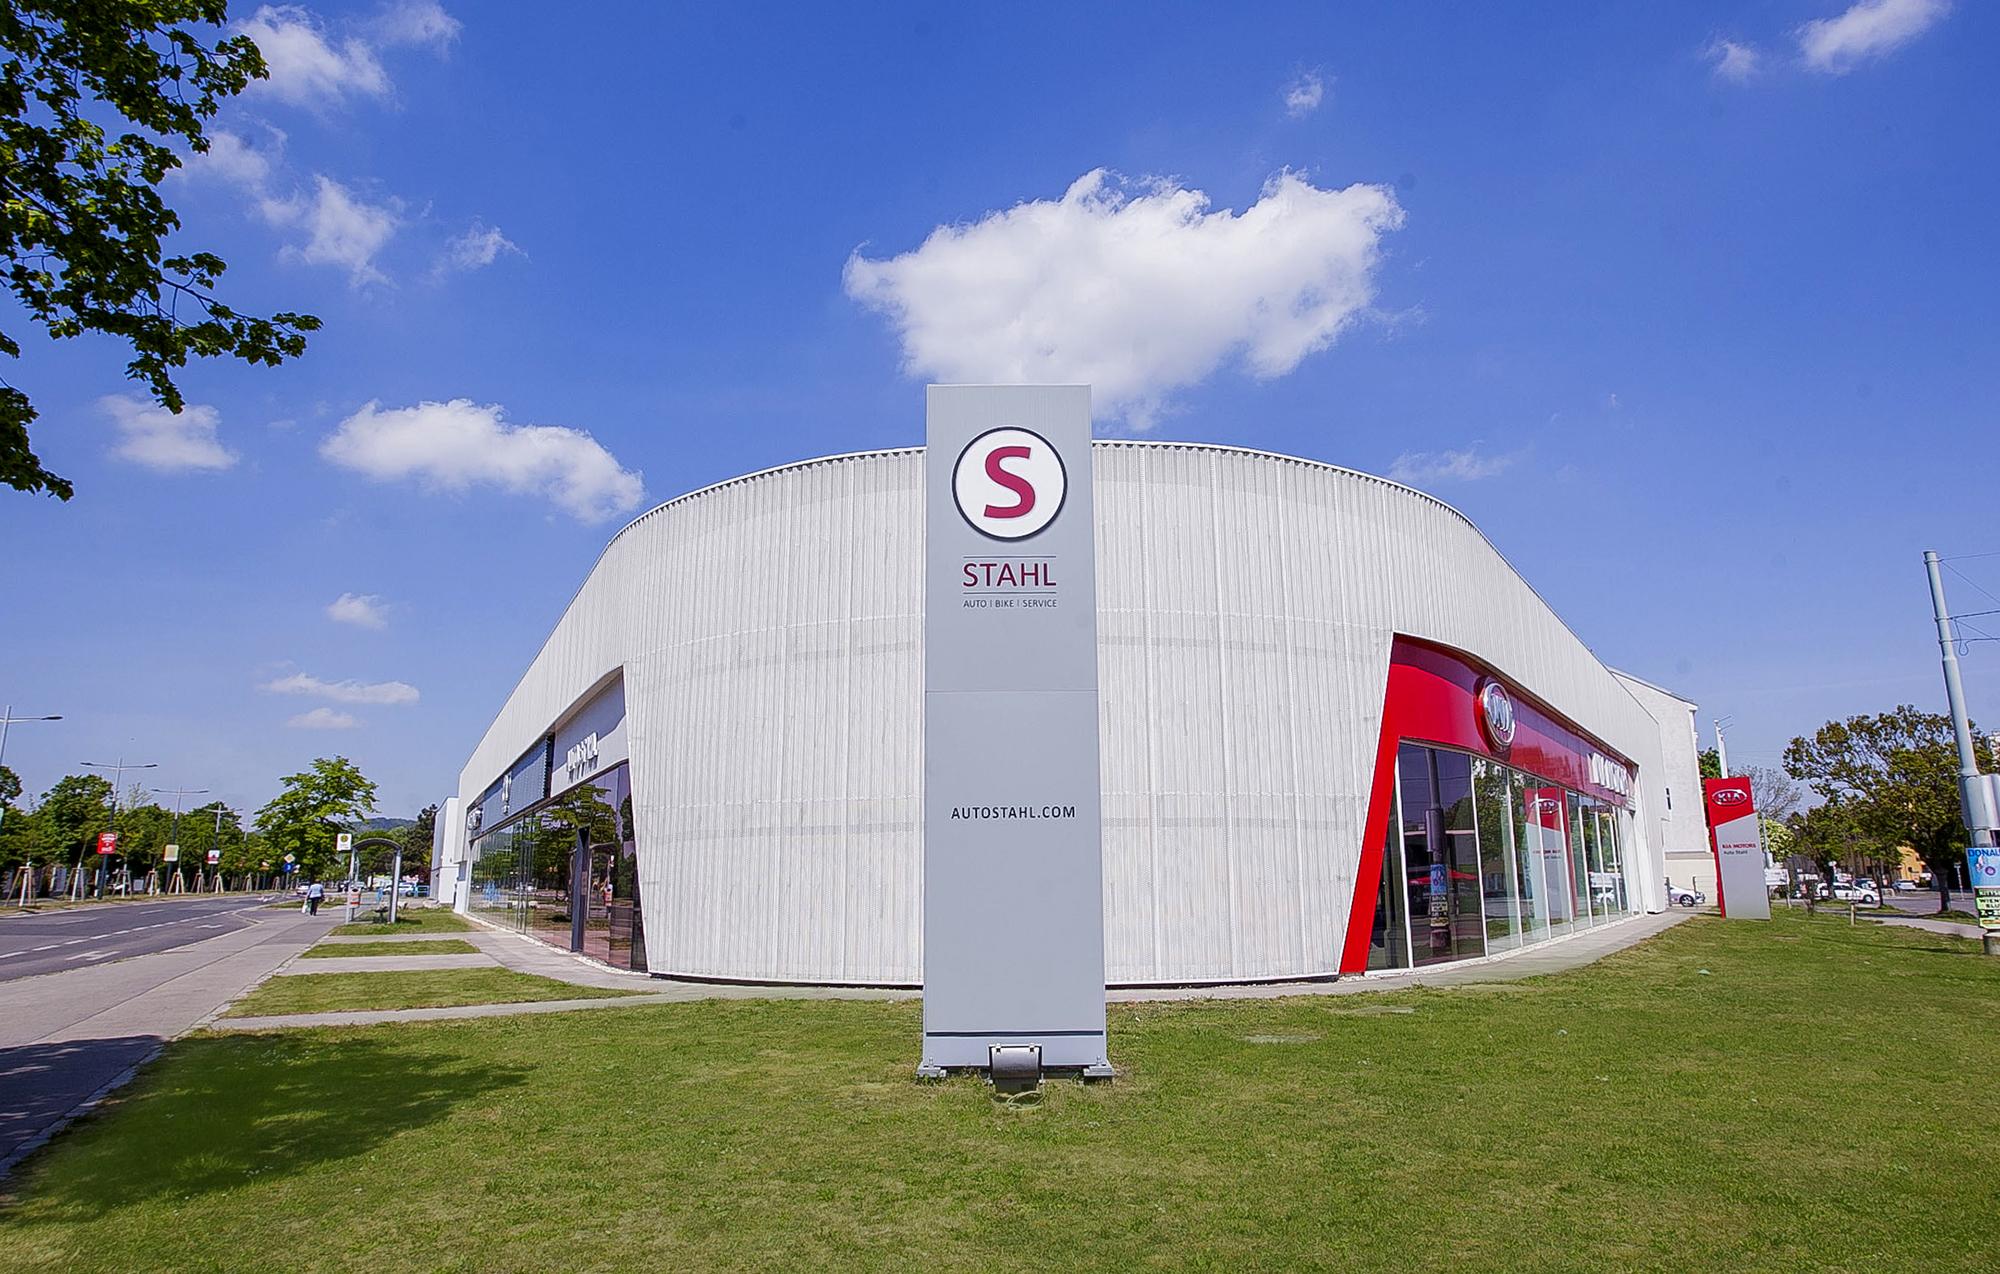 Bei AUTO STAHL in der Pragerstraße 278, 1210 Wien, finden Sie die Marken Kia, Mazda, Volva und Honda Automobile sowie Gebrauchtfahrzeuge aller Marken und umfangreiche Serviceleistungen